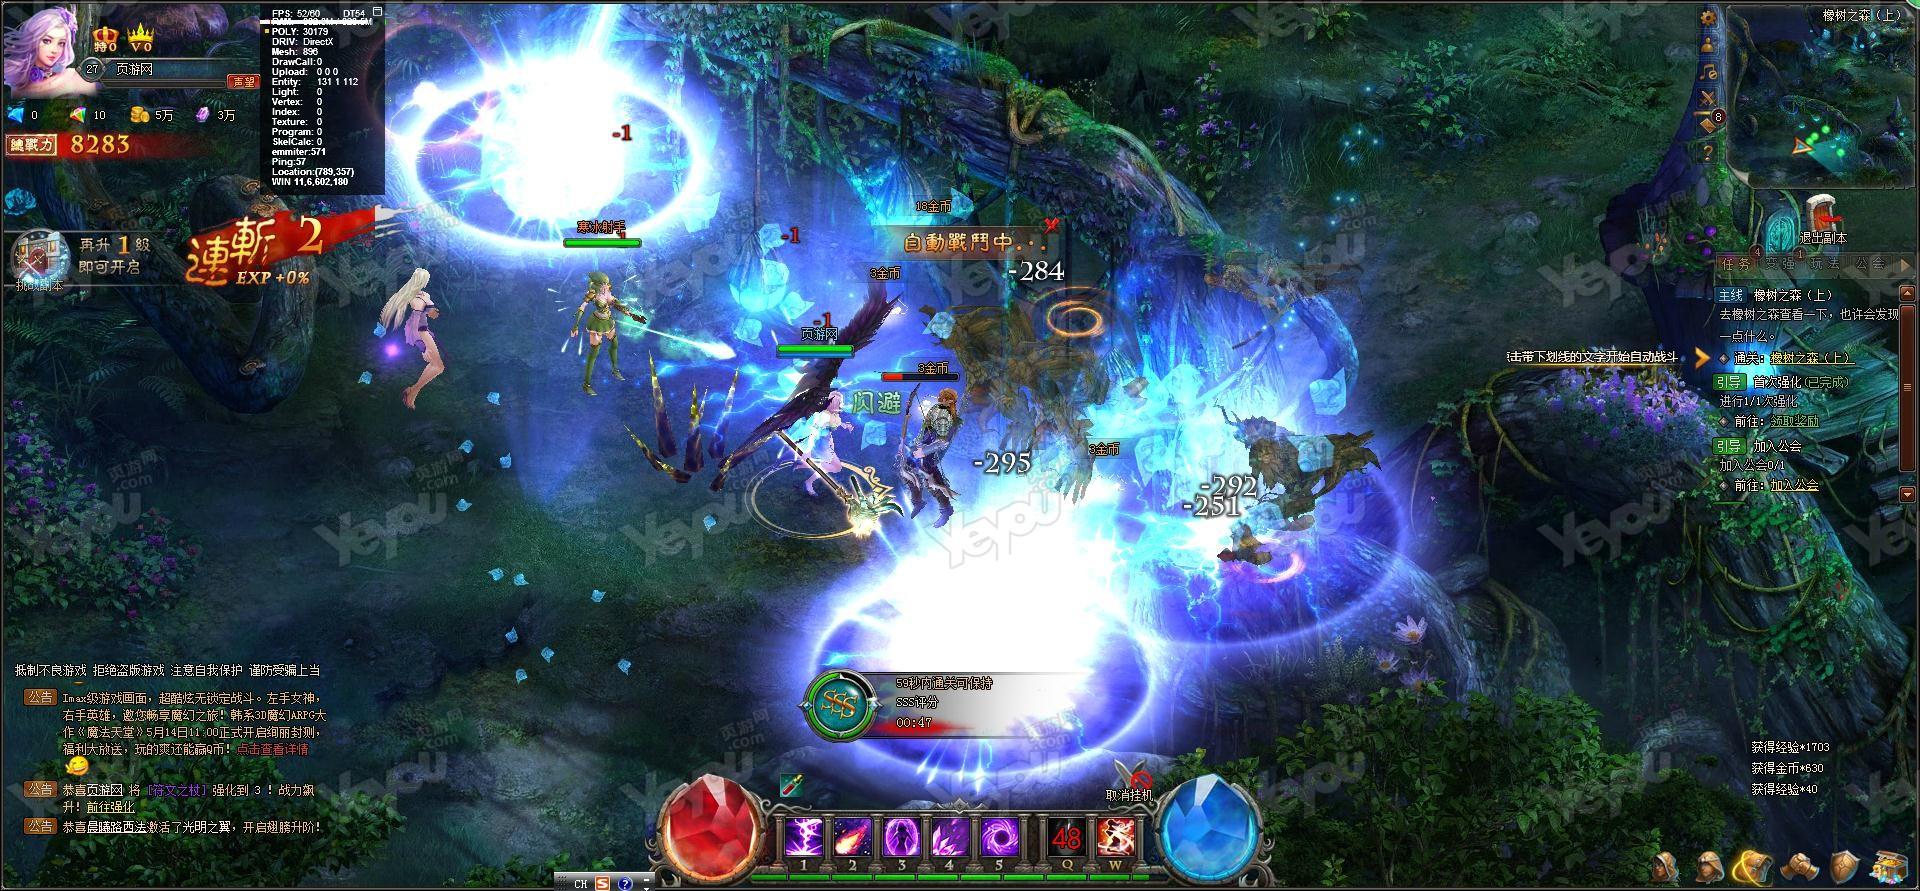 韩系魔幻ARPG页游《魔法天堂》游戏截图